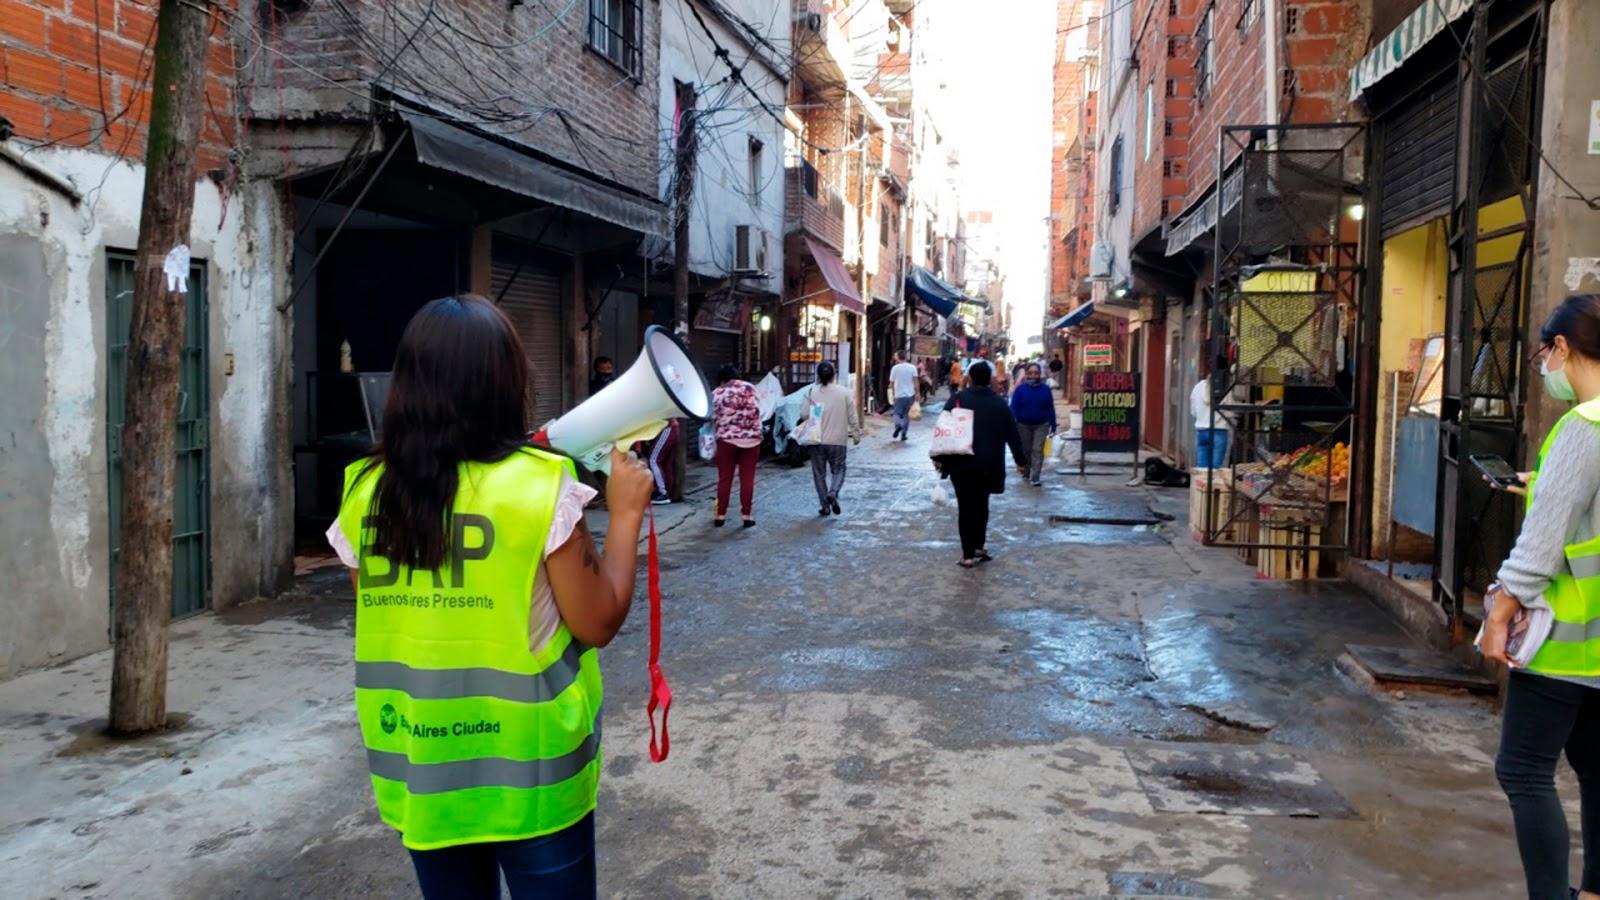 Con 116 nuevos casos, los diagnósticos en los barrios populares porteños suben a 1.088